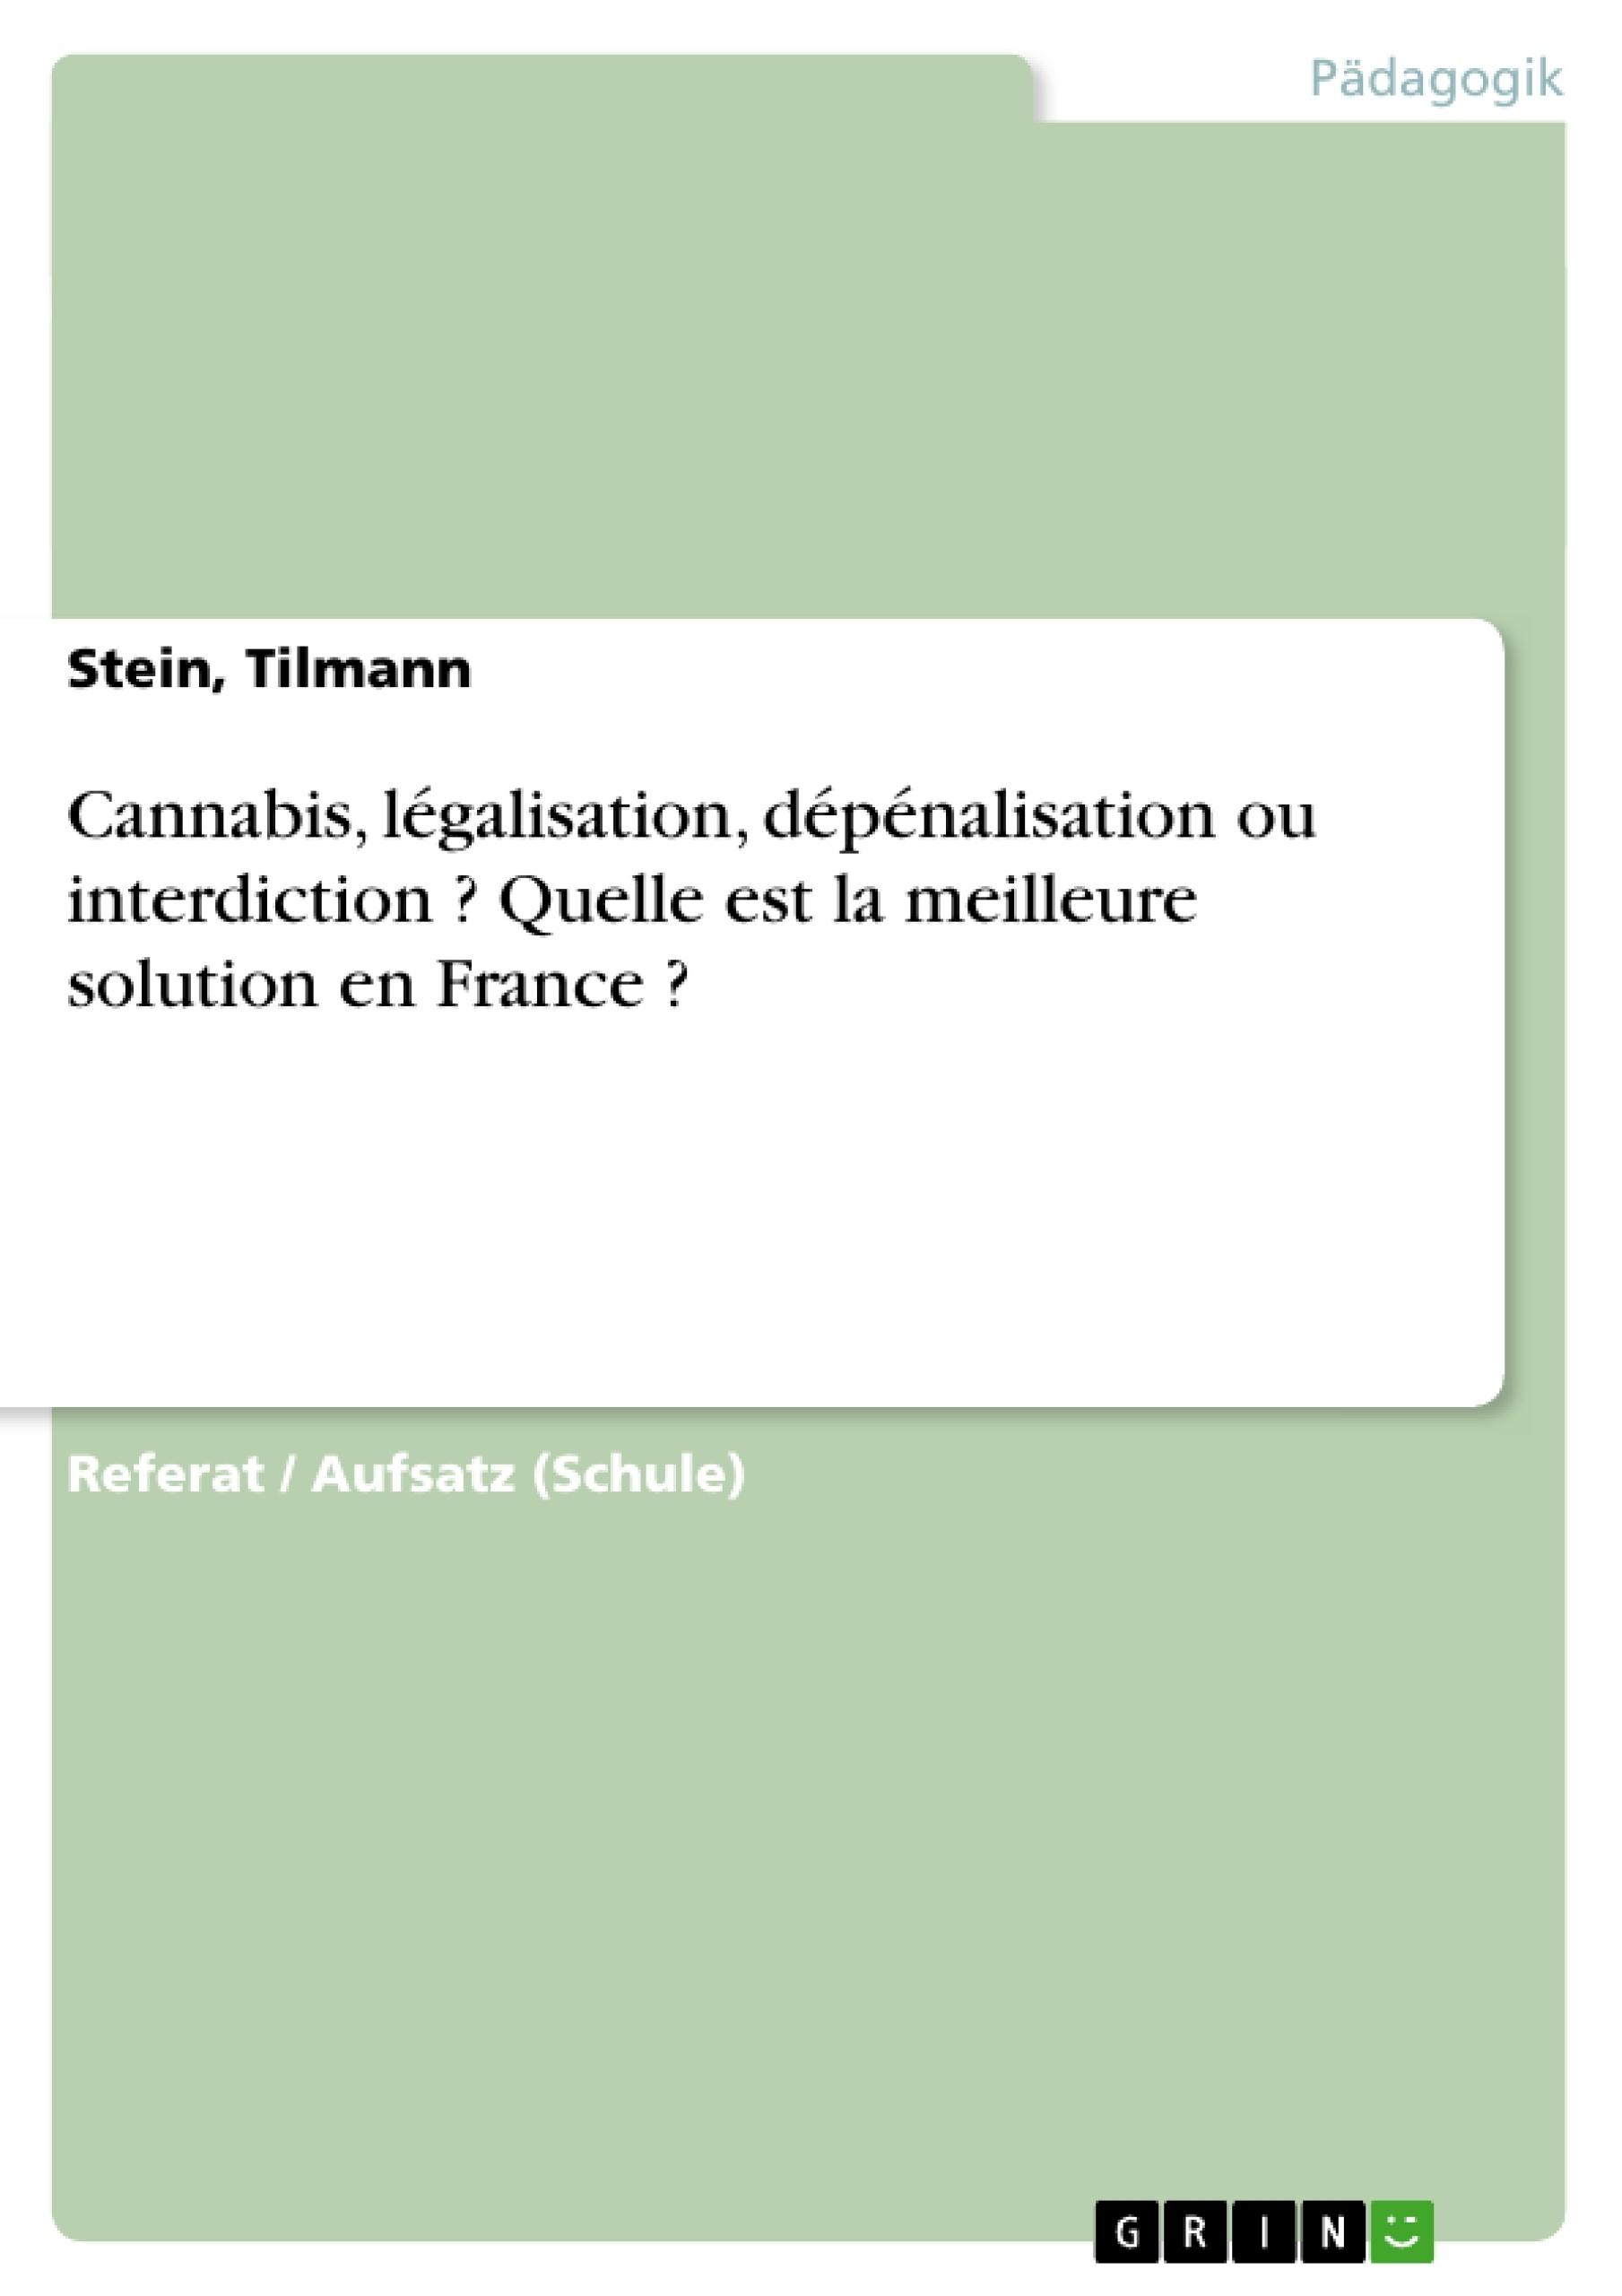 Titel: Cannabis, légalisation, dépénalisation ou interdiction ? Quelle est la meilleure solution en France ?